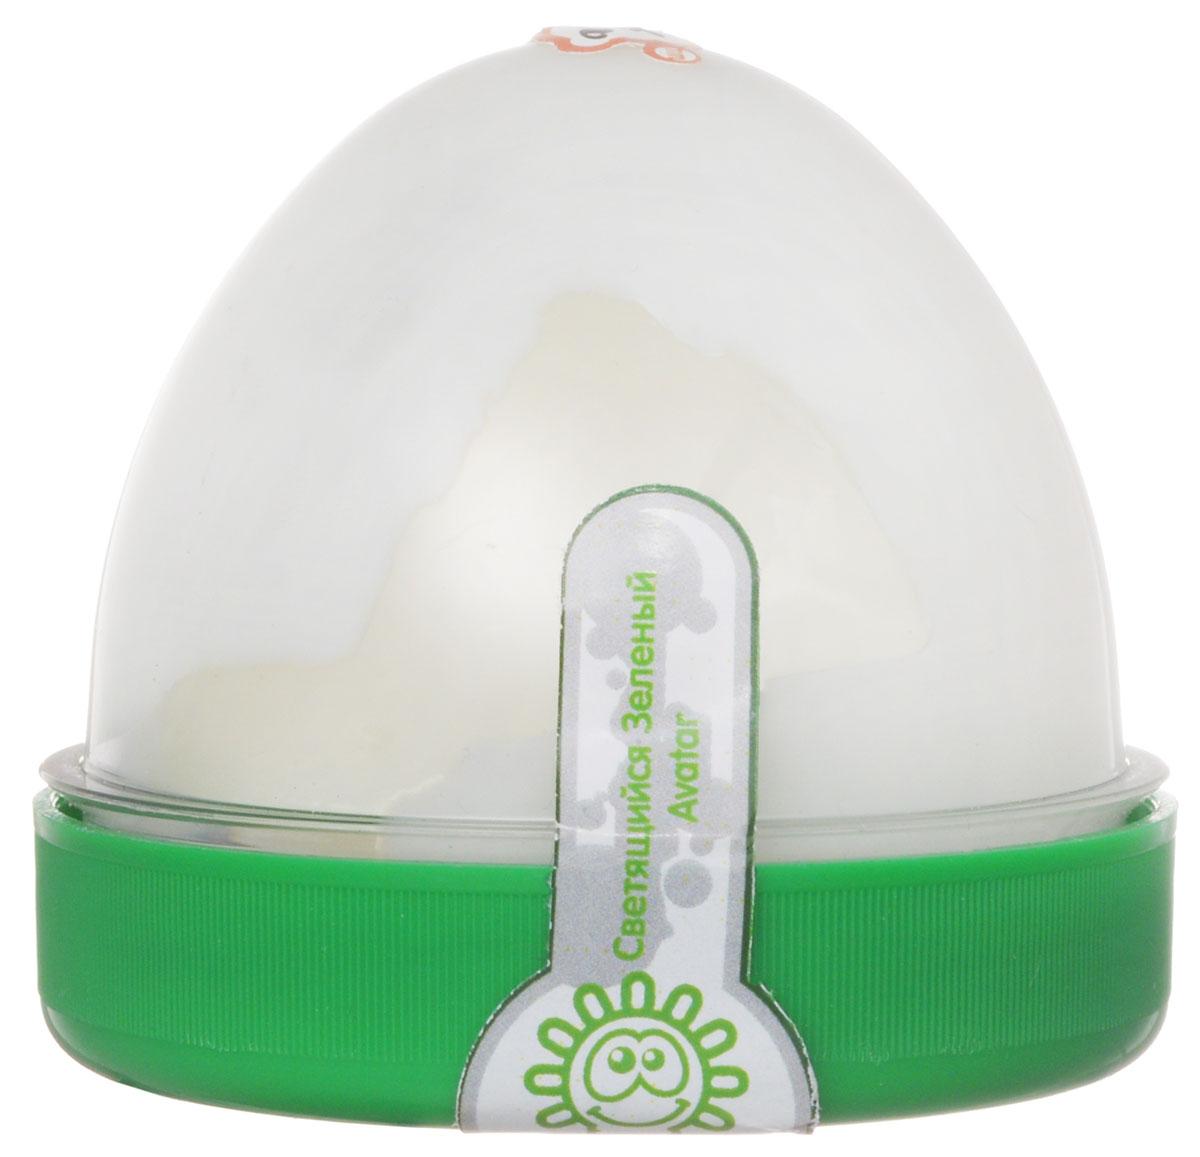 Жвачка для рук ТМ HandGum, цвет: зеленый, светящаяся в темноте, 70 г10291Жвачка для рук Hand Gum светящаяся в темноте зеленым светом подарит вам позитив и хорошие эмоции. Она радует глаз и дарит нежные тактильные ощущения, способствуя хорошему настроению. Жвачка для рук изготовлена из упругого, пластичного и приятного на ощупь материала, ее можно растягивать, как резину, а если сильно дернуть, то можно порвать. Из нее отлично получаются скульптуры, которые живут считанные минуты, постепенно превращаясь в лужи. Прилепите ее на дверную ручку - и он капнет, скатайте шарик и ударьте об пол - он подпрыгнет. Кубик, кстати, тоже подпрыгнет, но совсем не туда, куда ожидается. Характеристики: Цвет: зеленый. Вес: 70 г. Размер упаковки: 5,5 см х 6 см х 6 см.